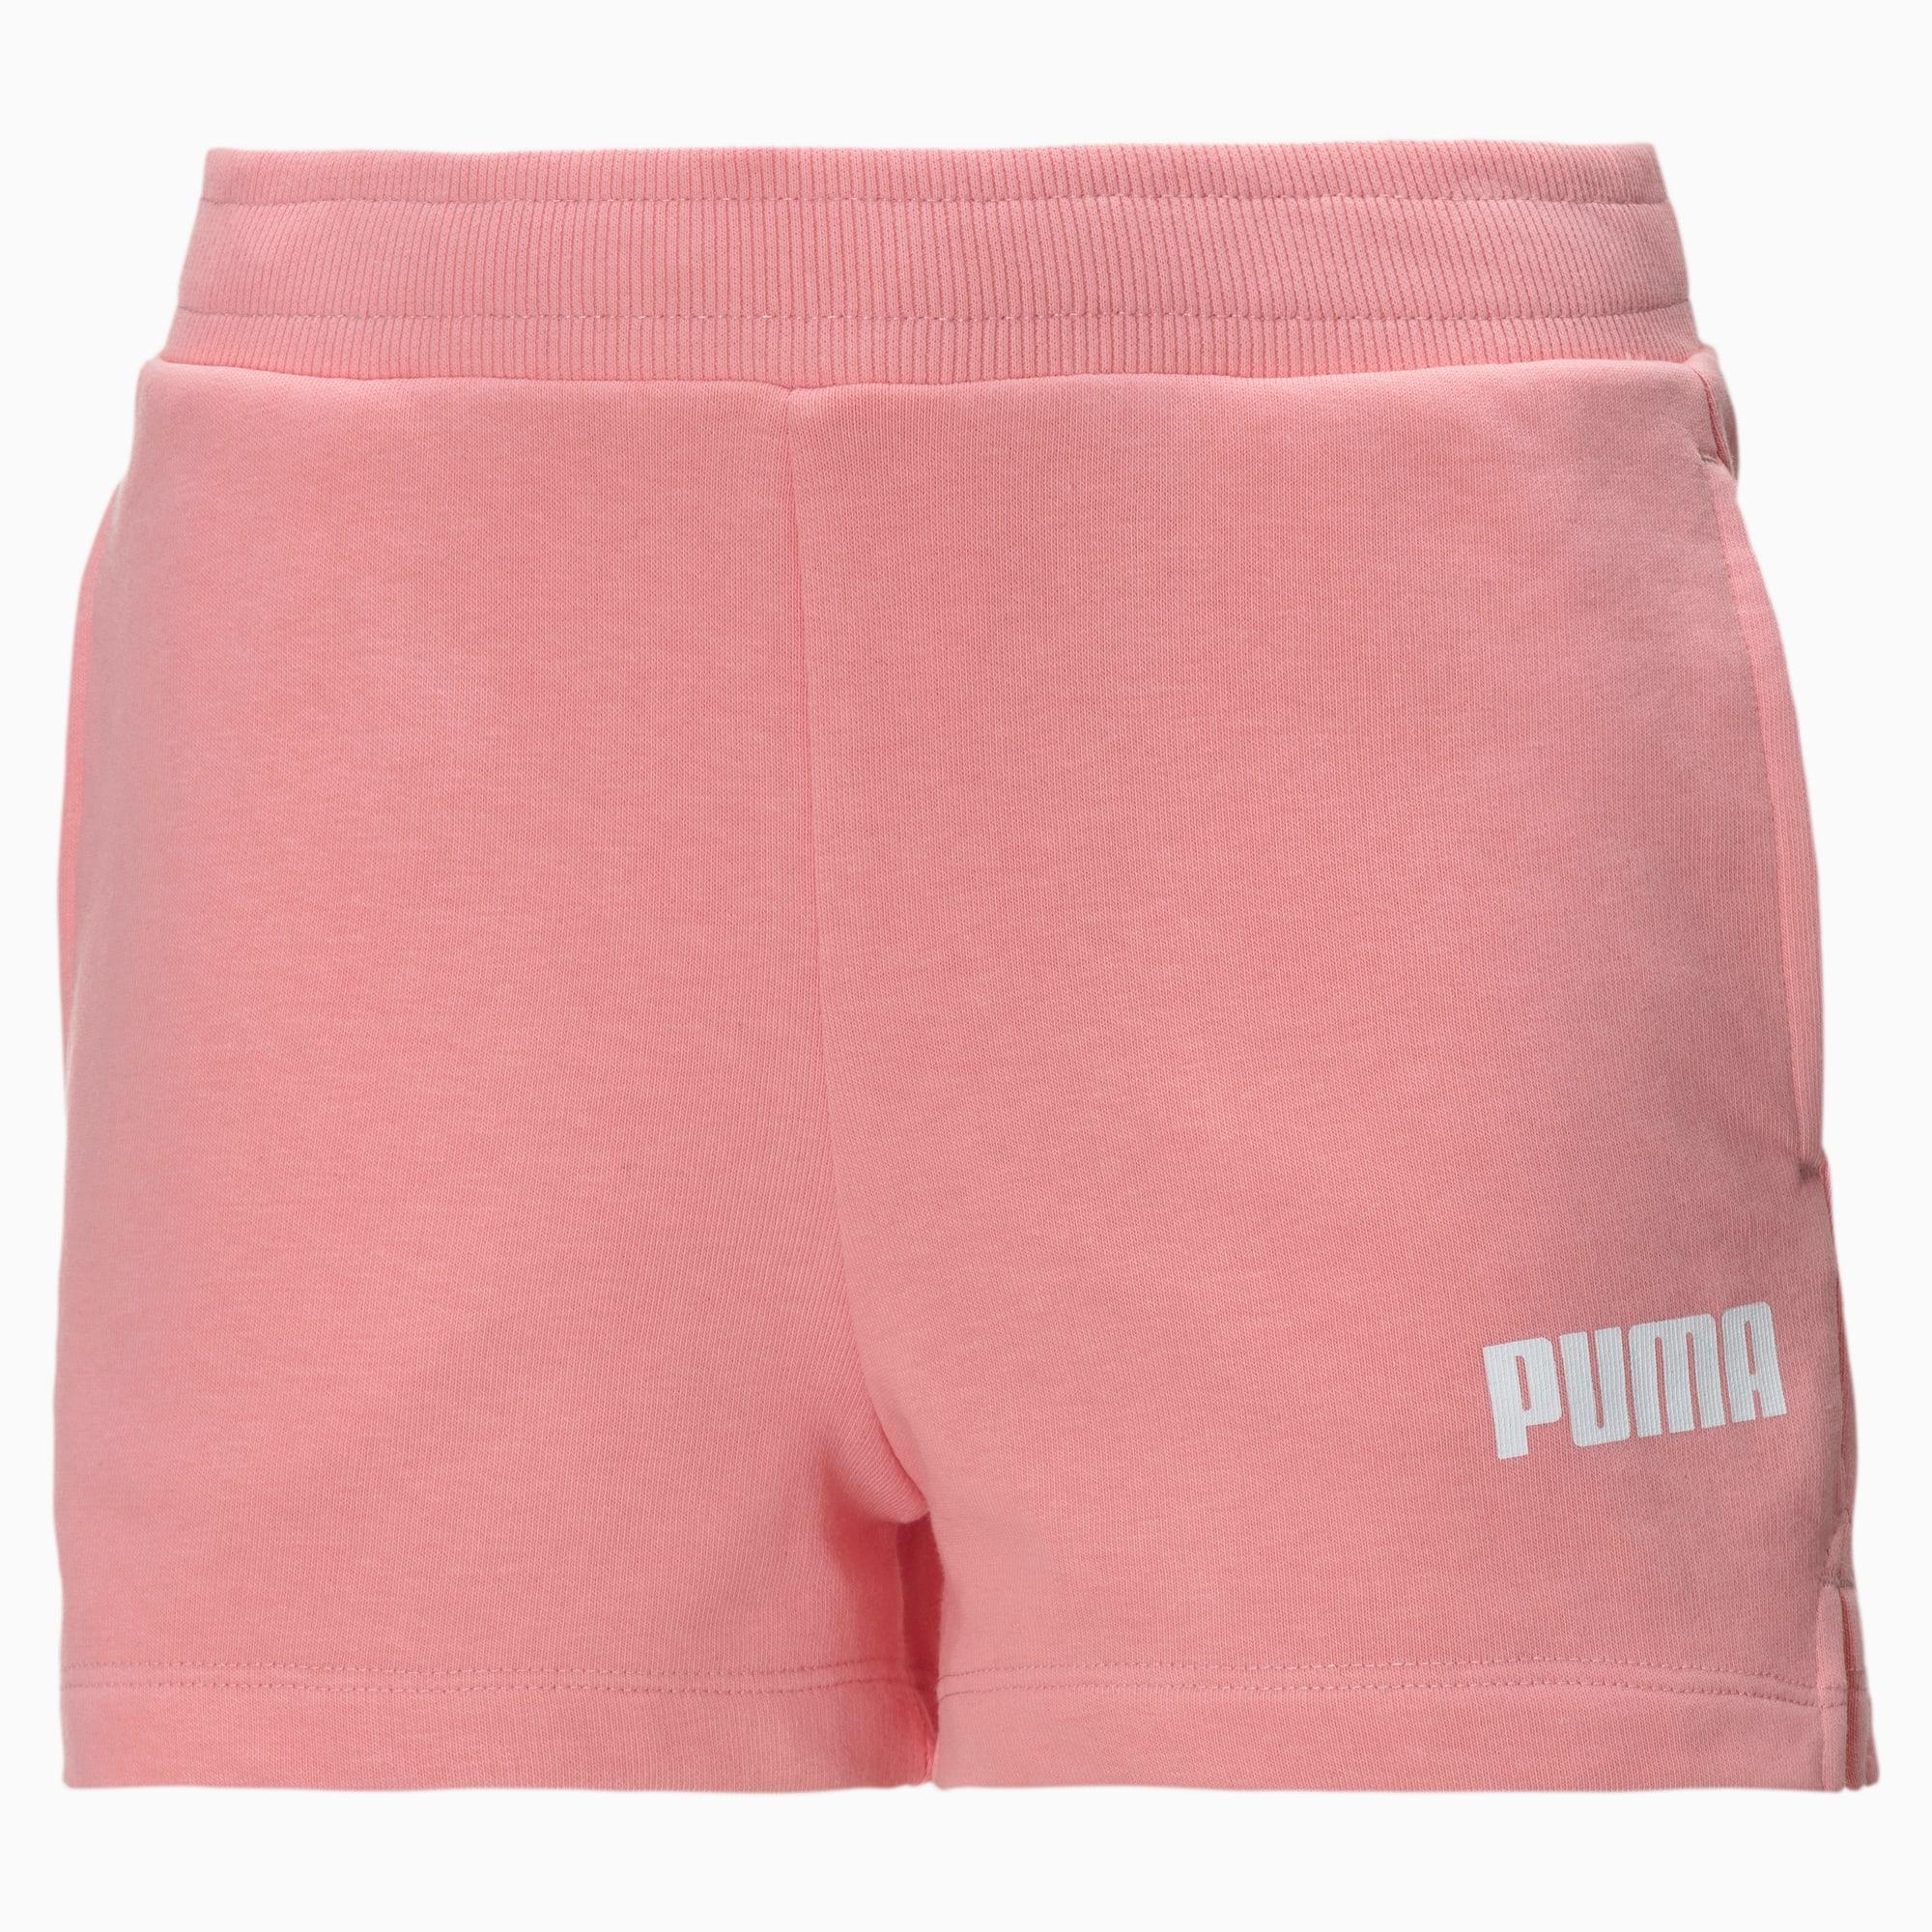 Short en sweat style éponge pour fille, Blanc/, Taille 164, Vêtements - PUMA - Modalova